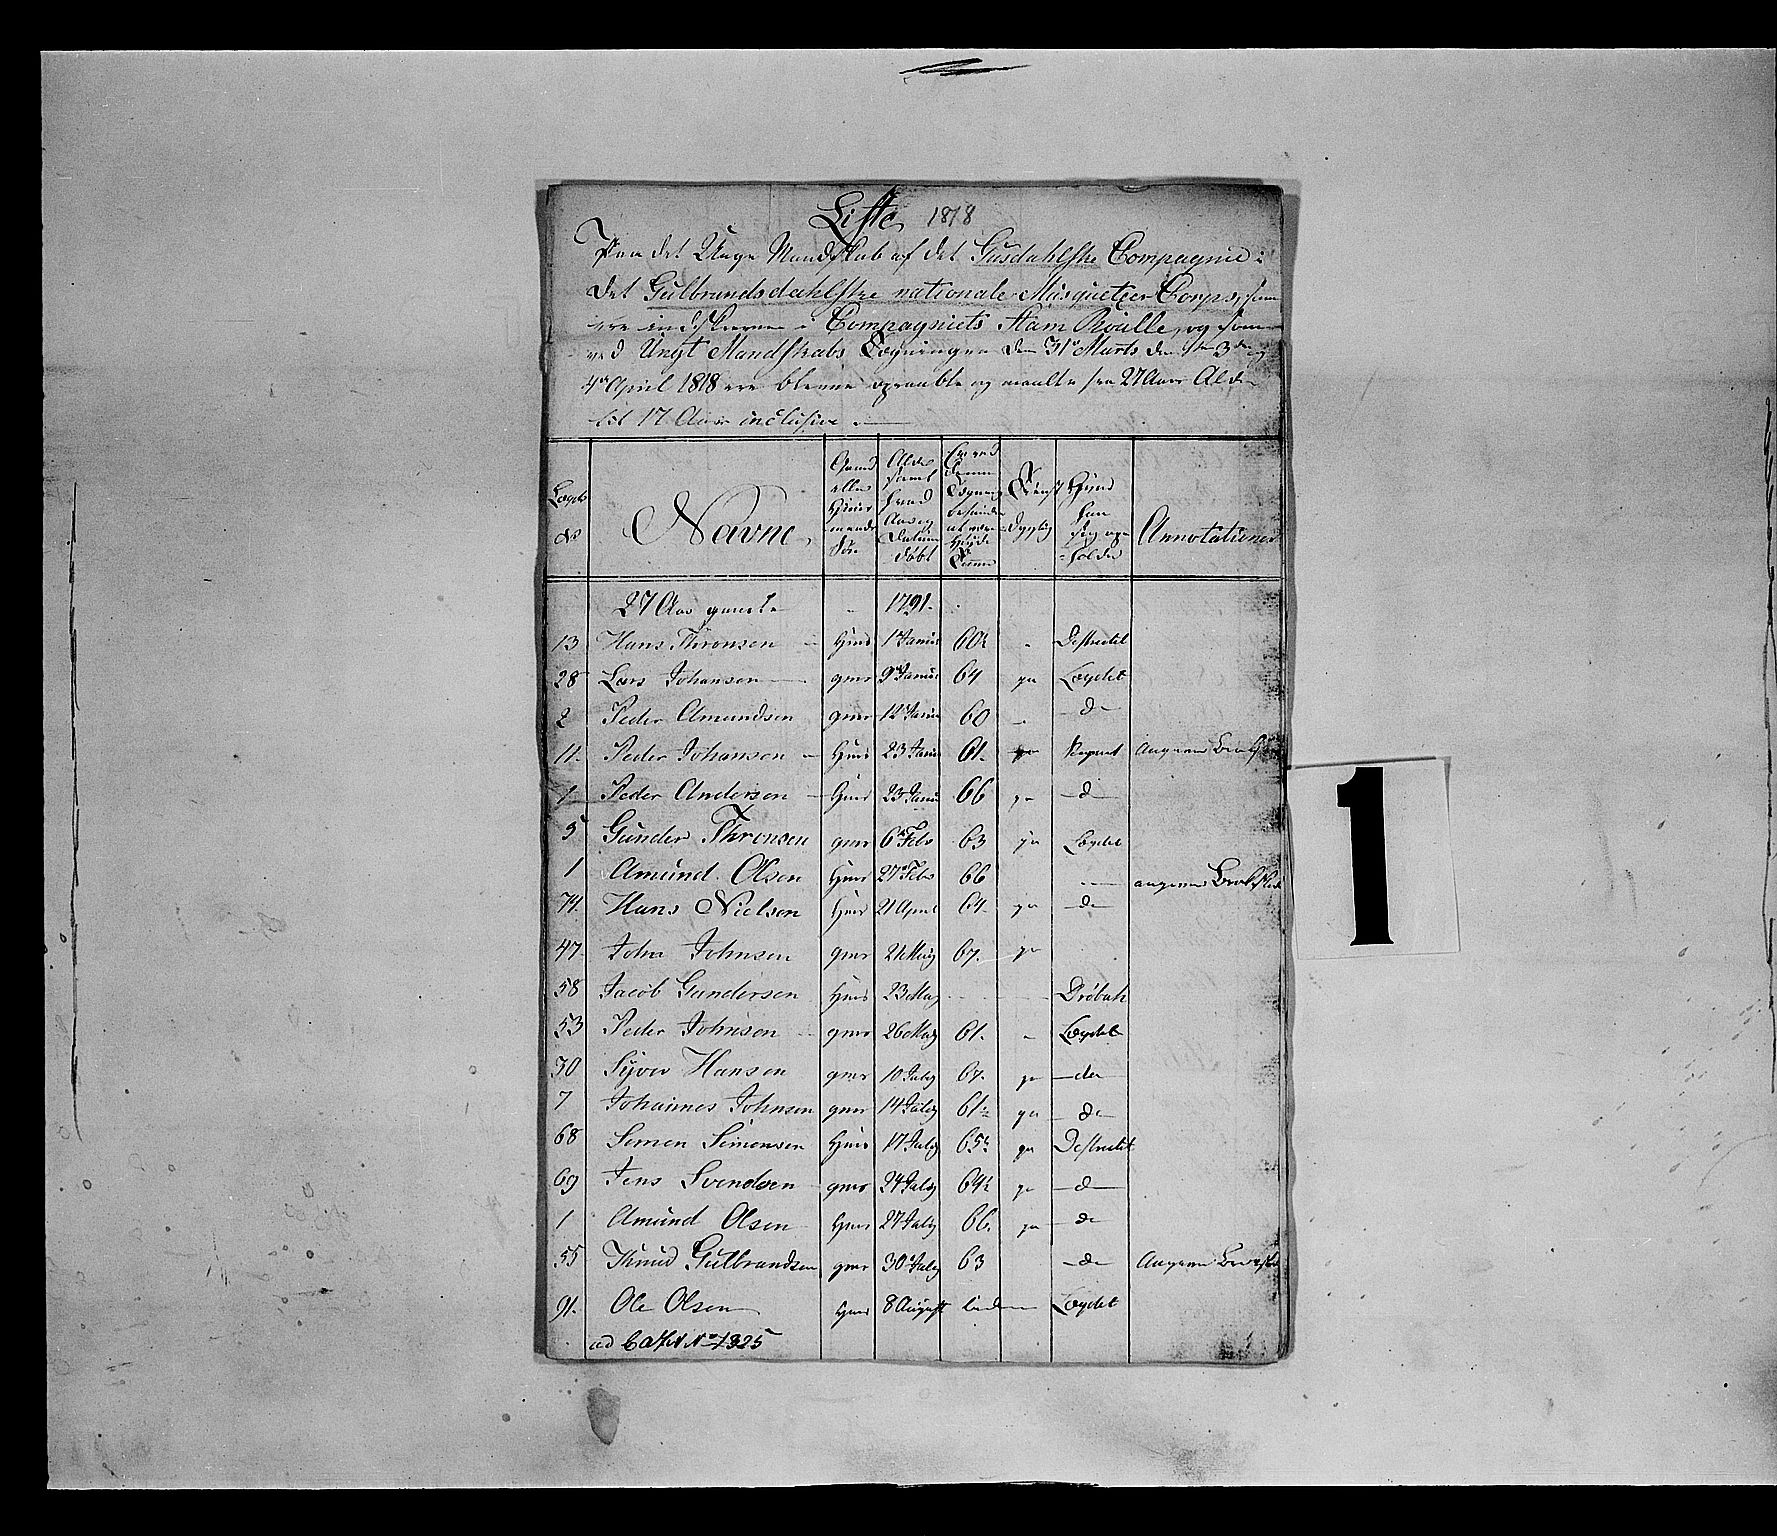 SAH, Fylkesmannen i Oppland, K/Ka/L1155: Gudbrandsdalen nasjonale musketérkorps - Gausdalske kompani, 3. og 4. divisjon av Opland landvernsbataljon, 1818-1860, s. 2